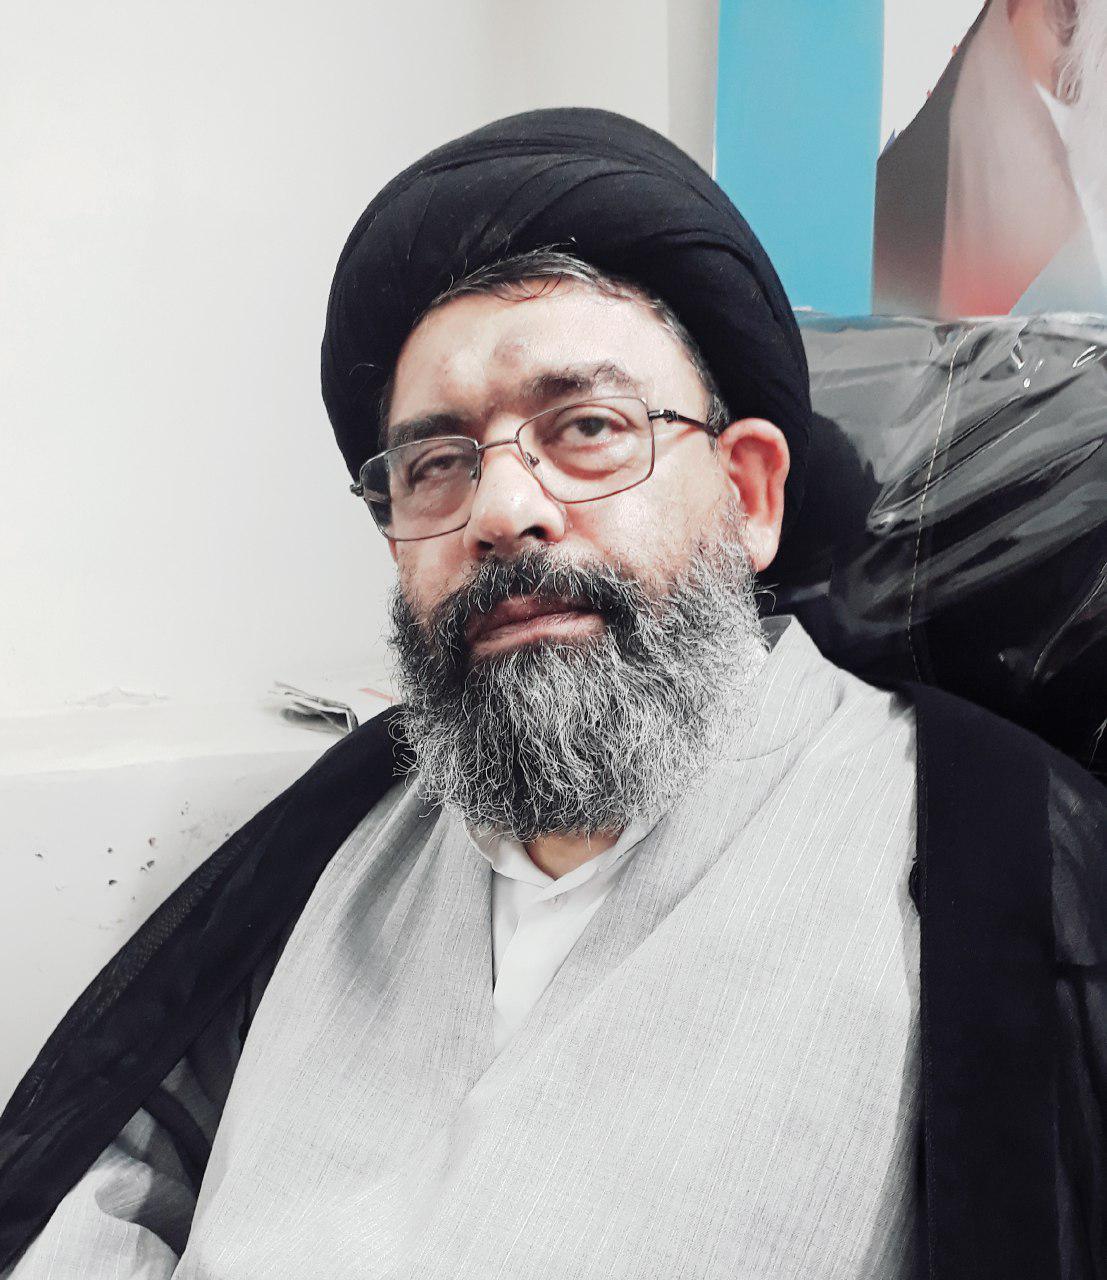 زندگینامه آزاده جانباز حجت الاسلام و المسلمین حاج سید حسن میرسید